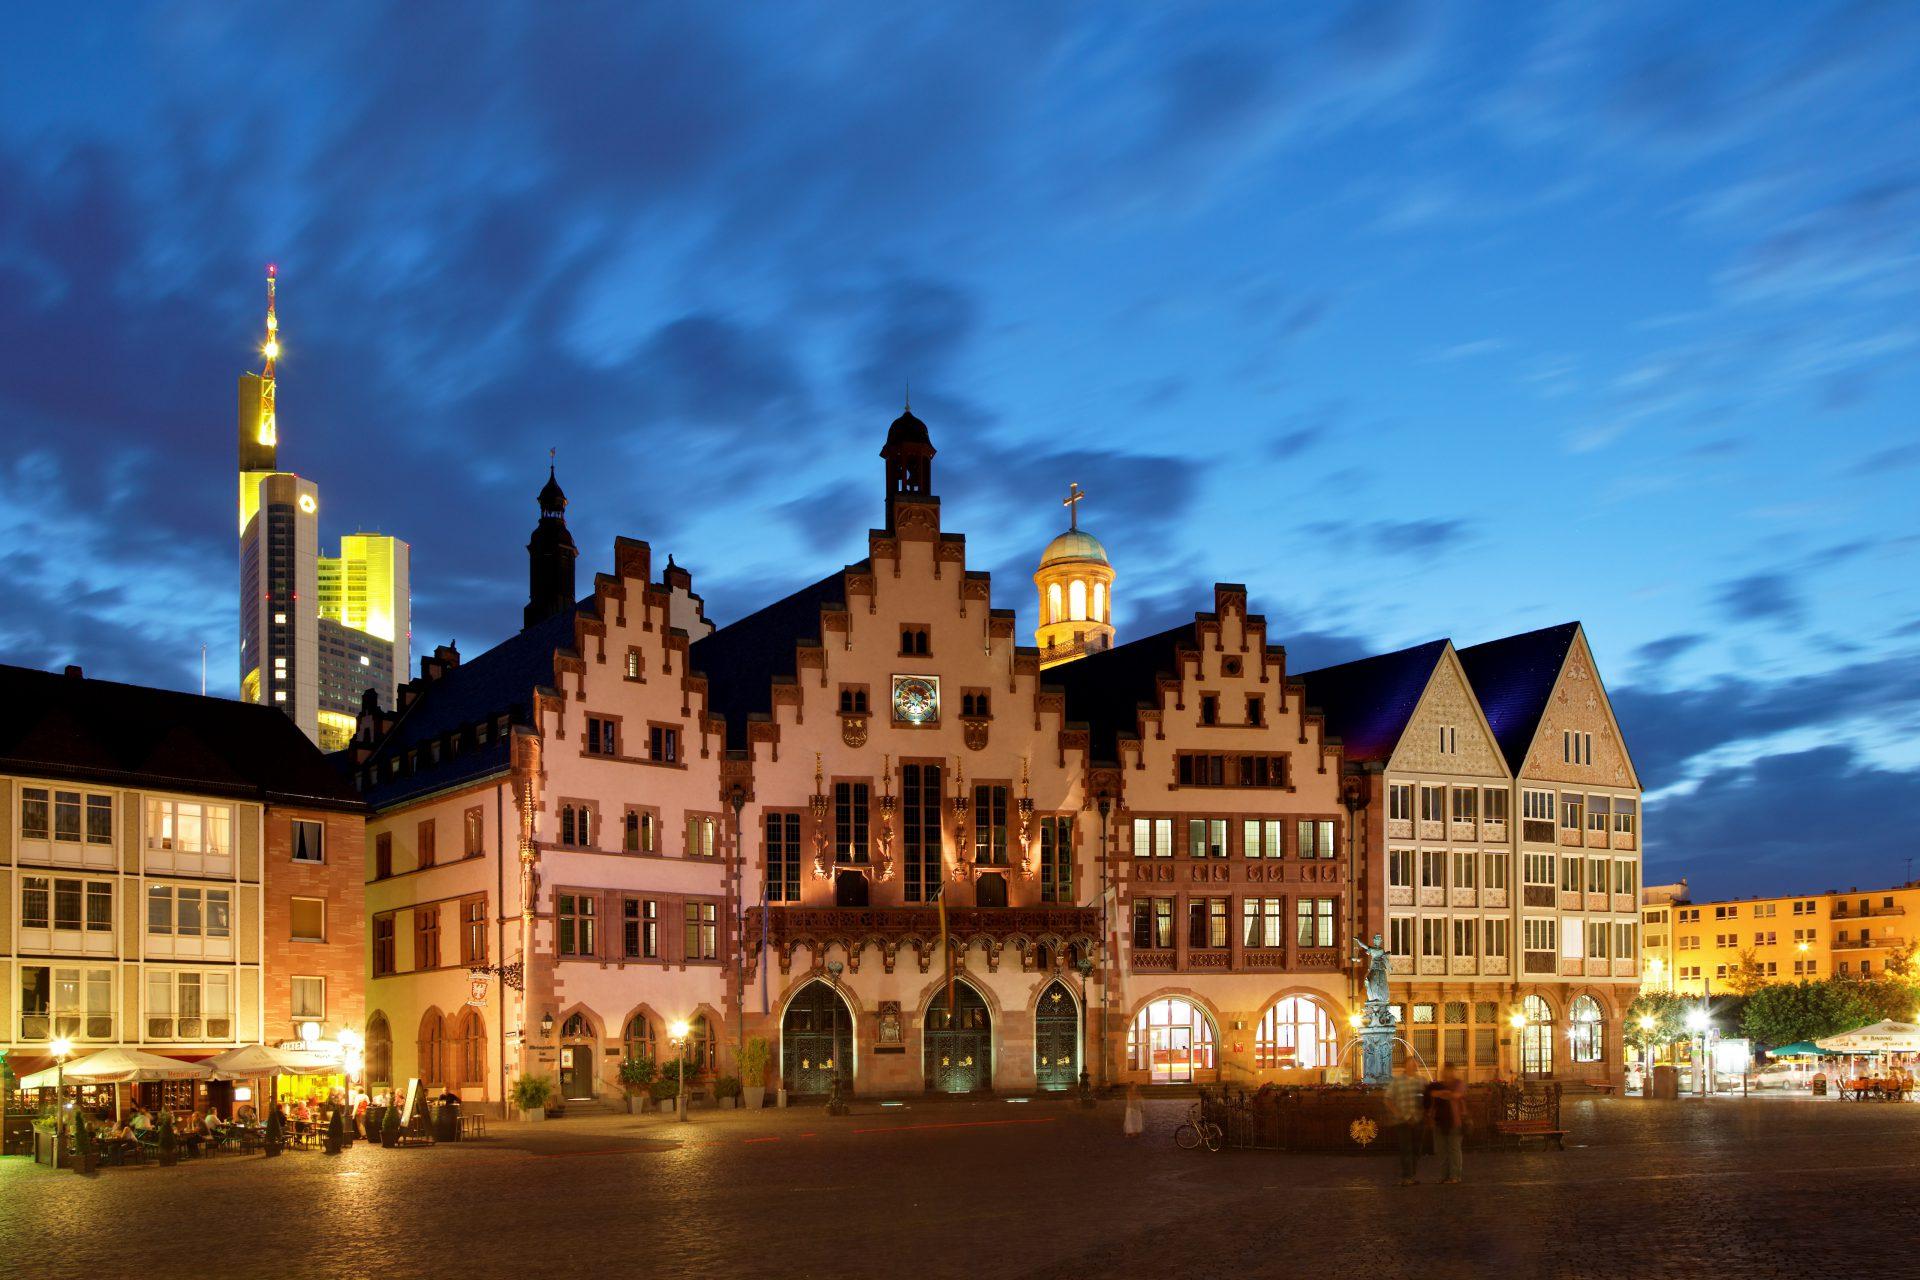 Fotos 360 (Parte 2) Römer de noche. #VidePan por #Frankfurt